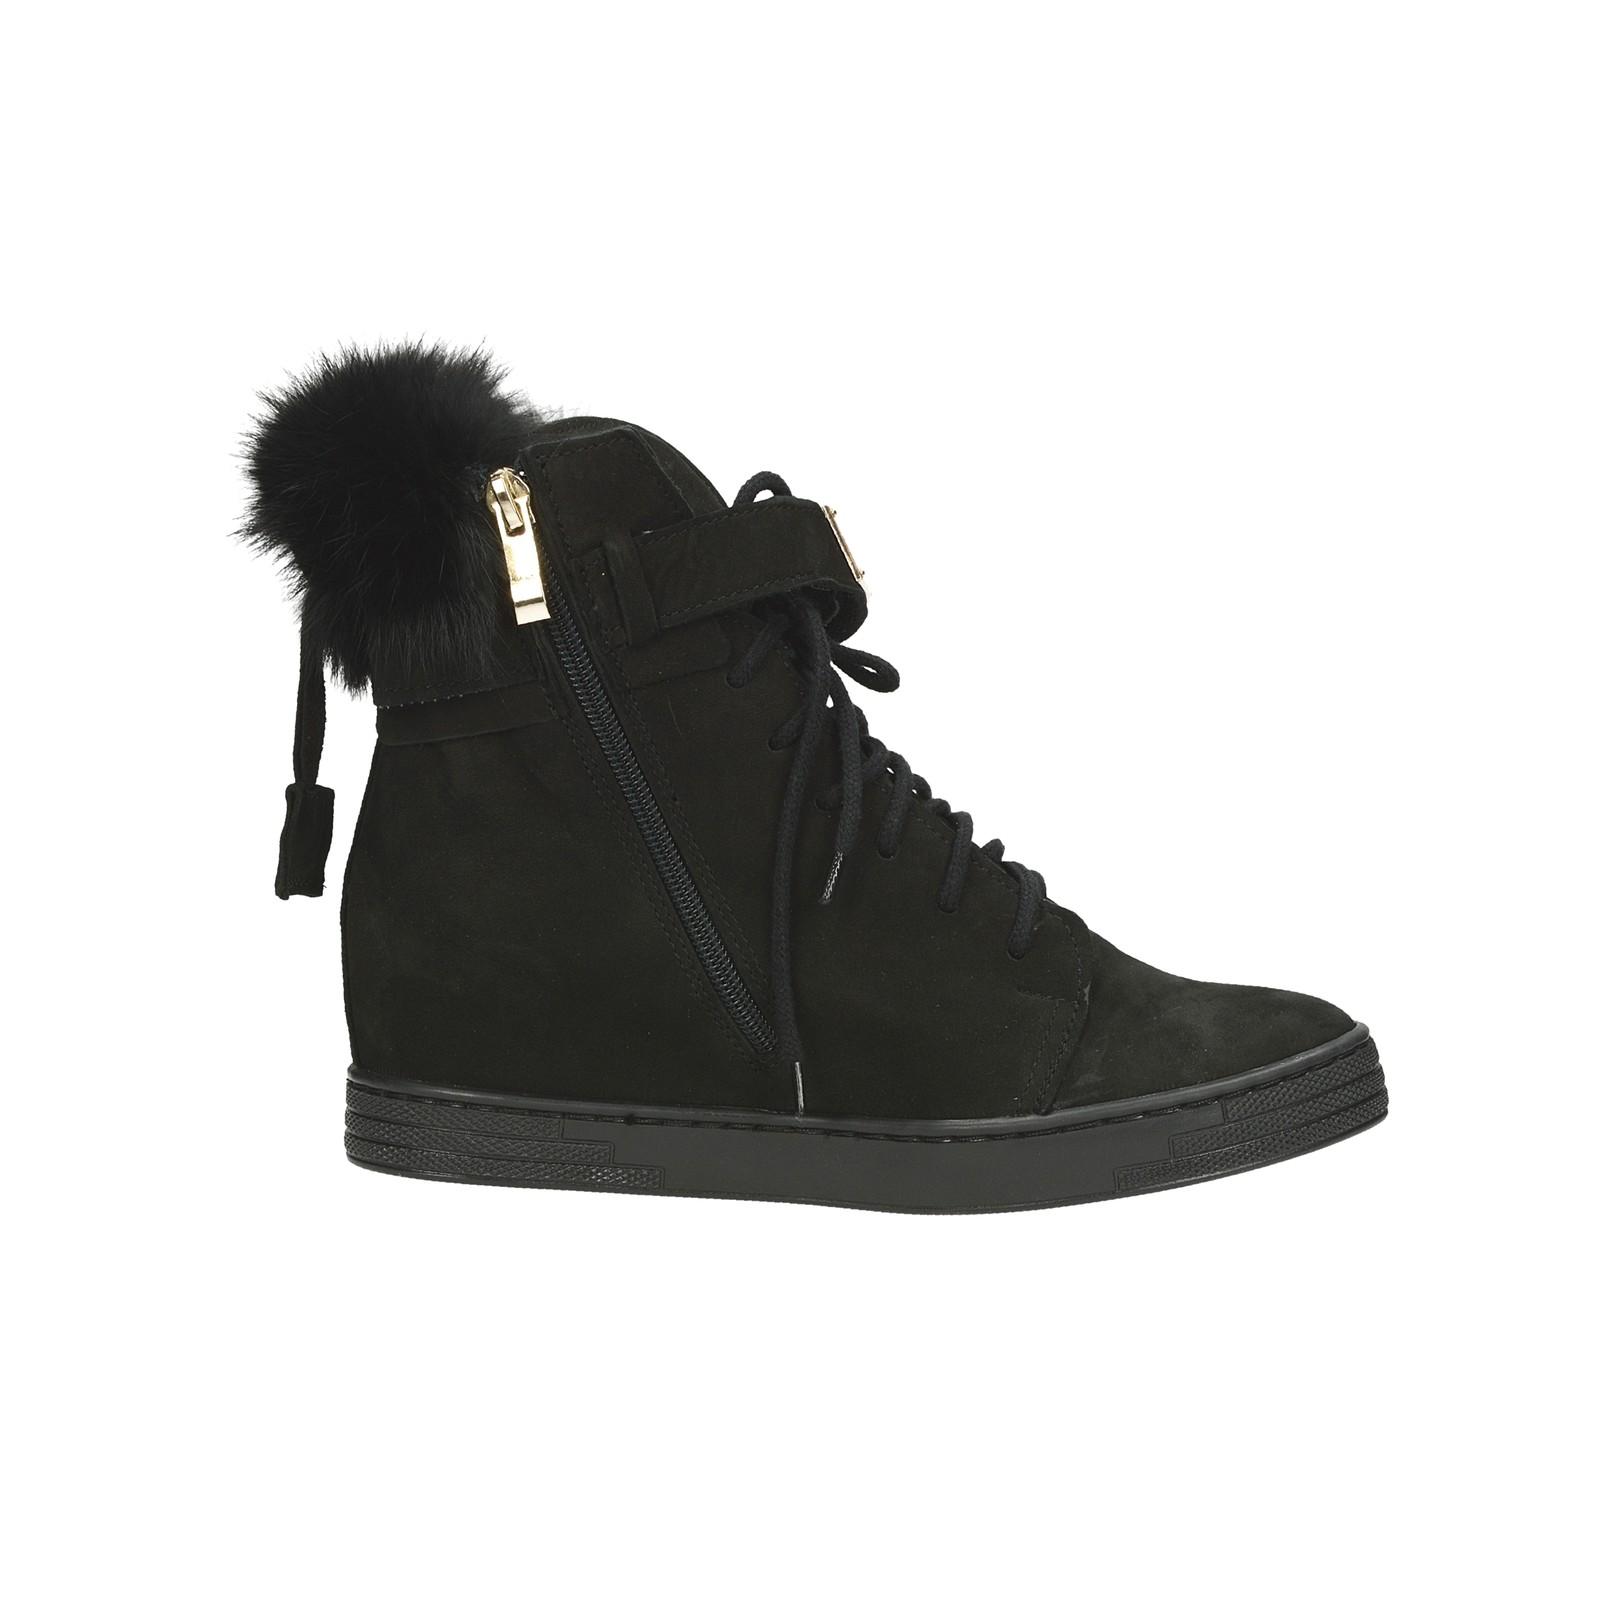 ba5813bd170 Olivia shoes dámské stylové kotníkové boty na suchý zip - černé ...